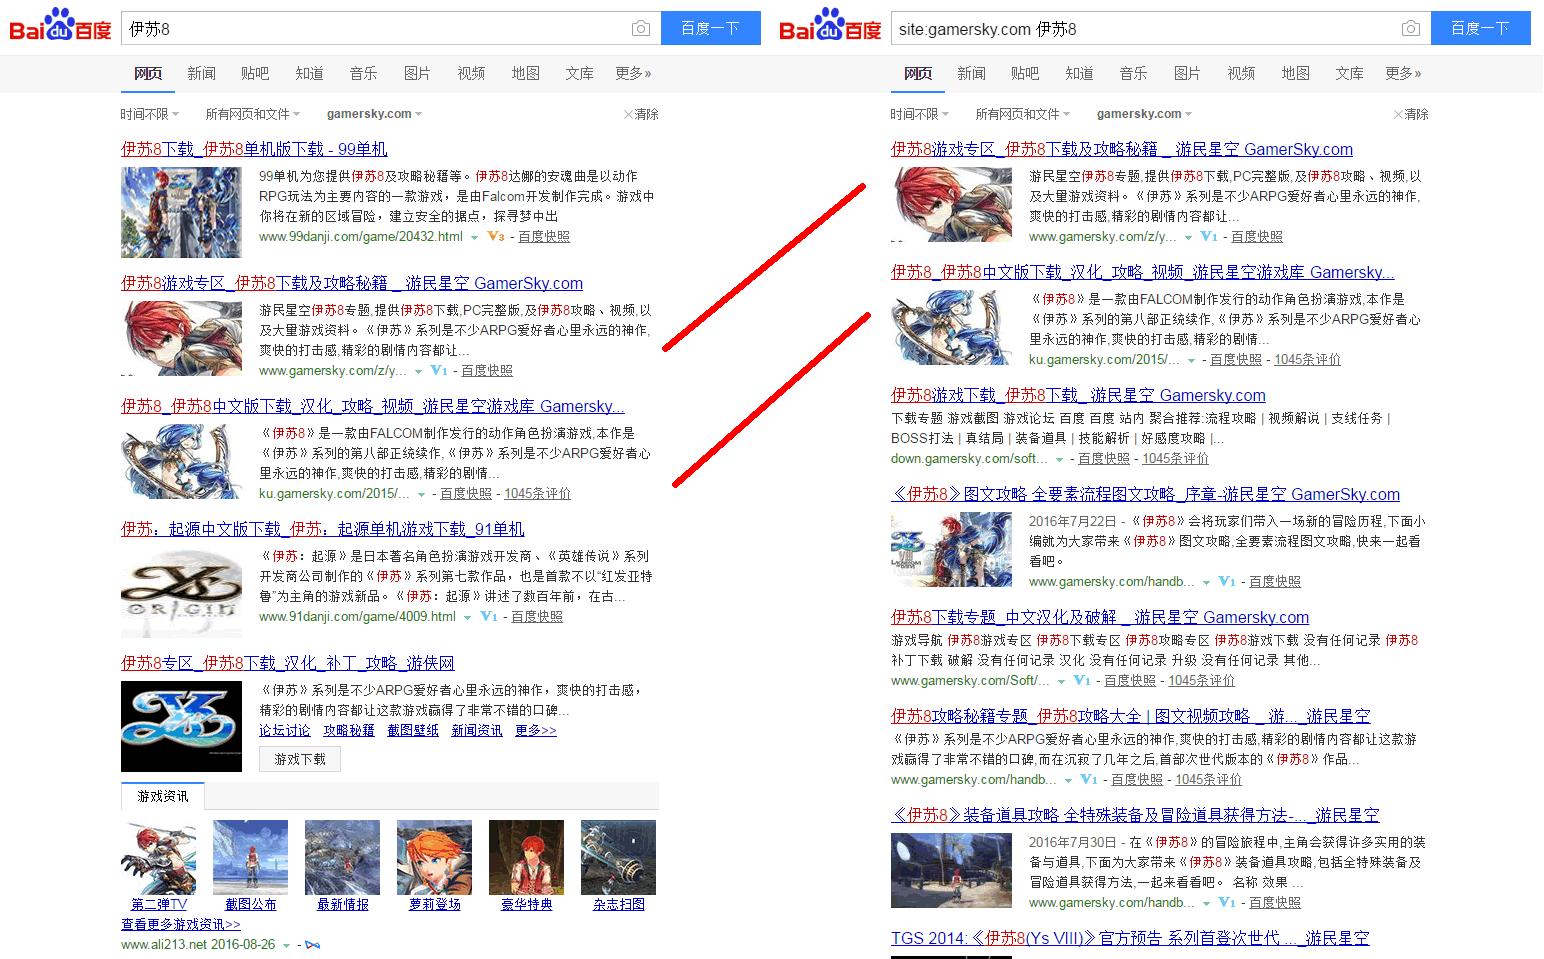 一般搜索和站内搜索的表现相似度较高